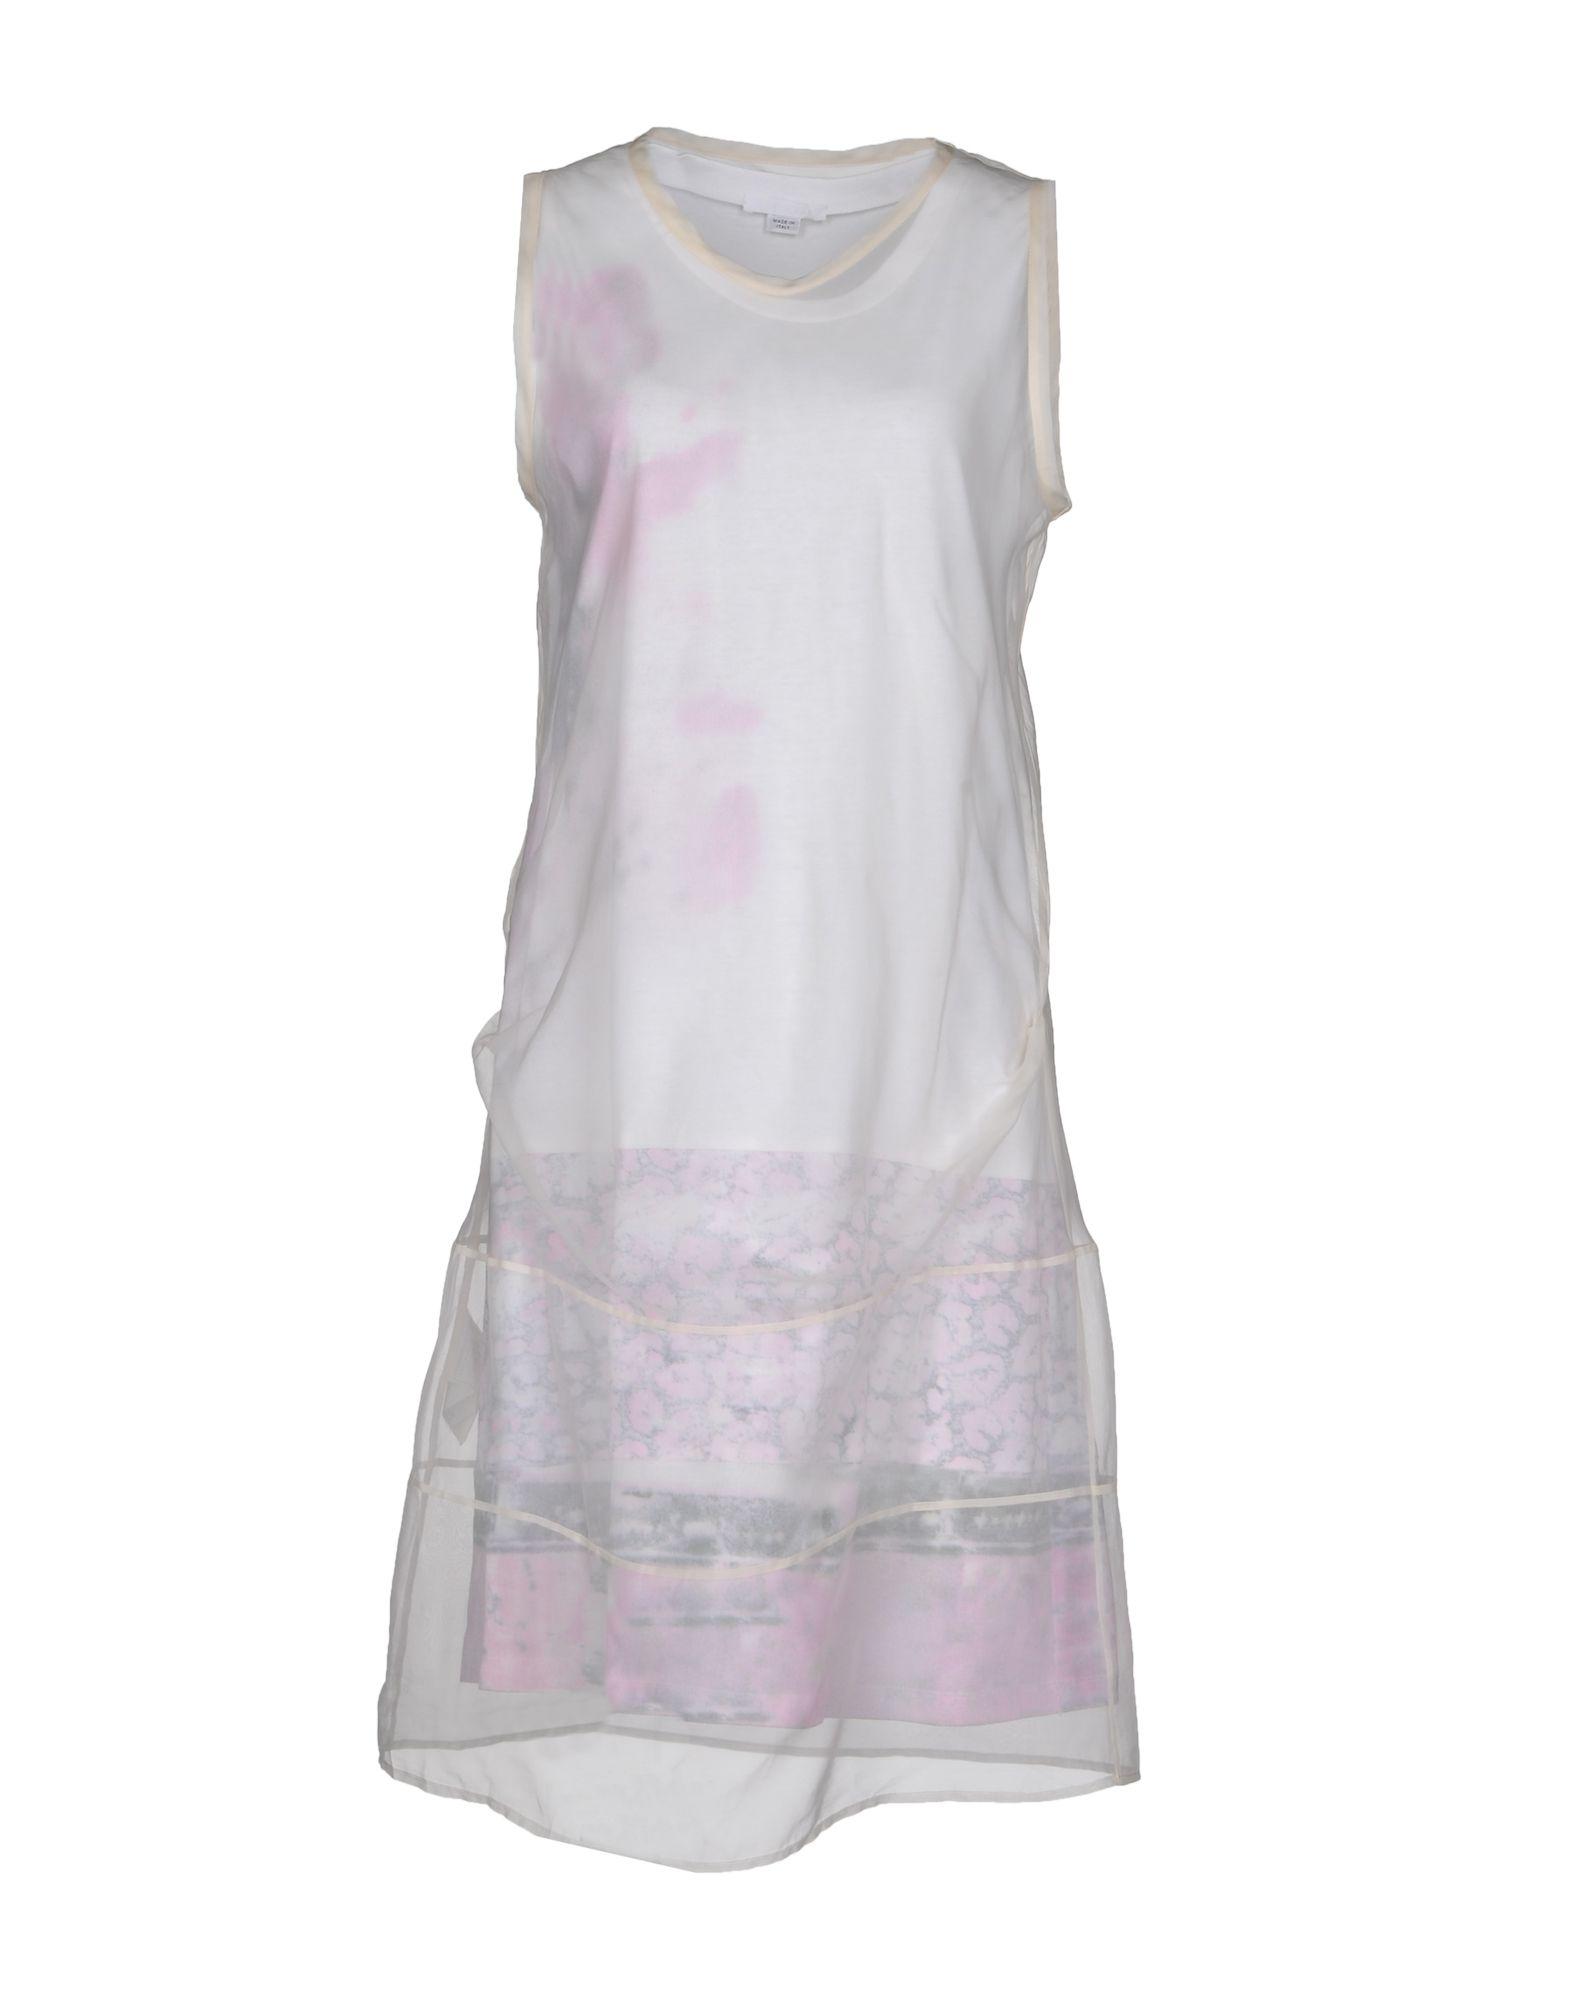 HELMUT LANG Платье до колена женское платье lang lang s foreign trade c5 15 0 2